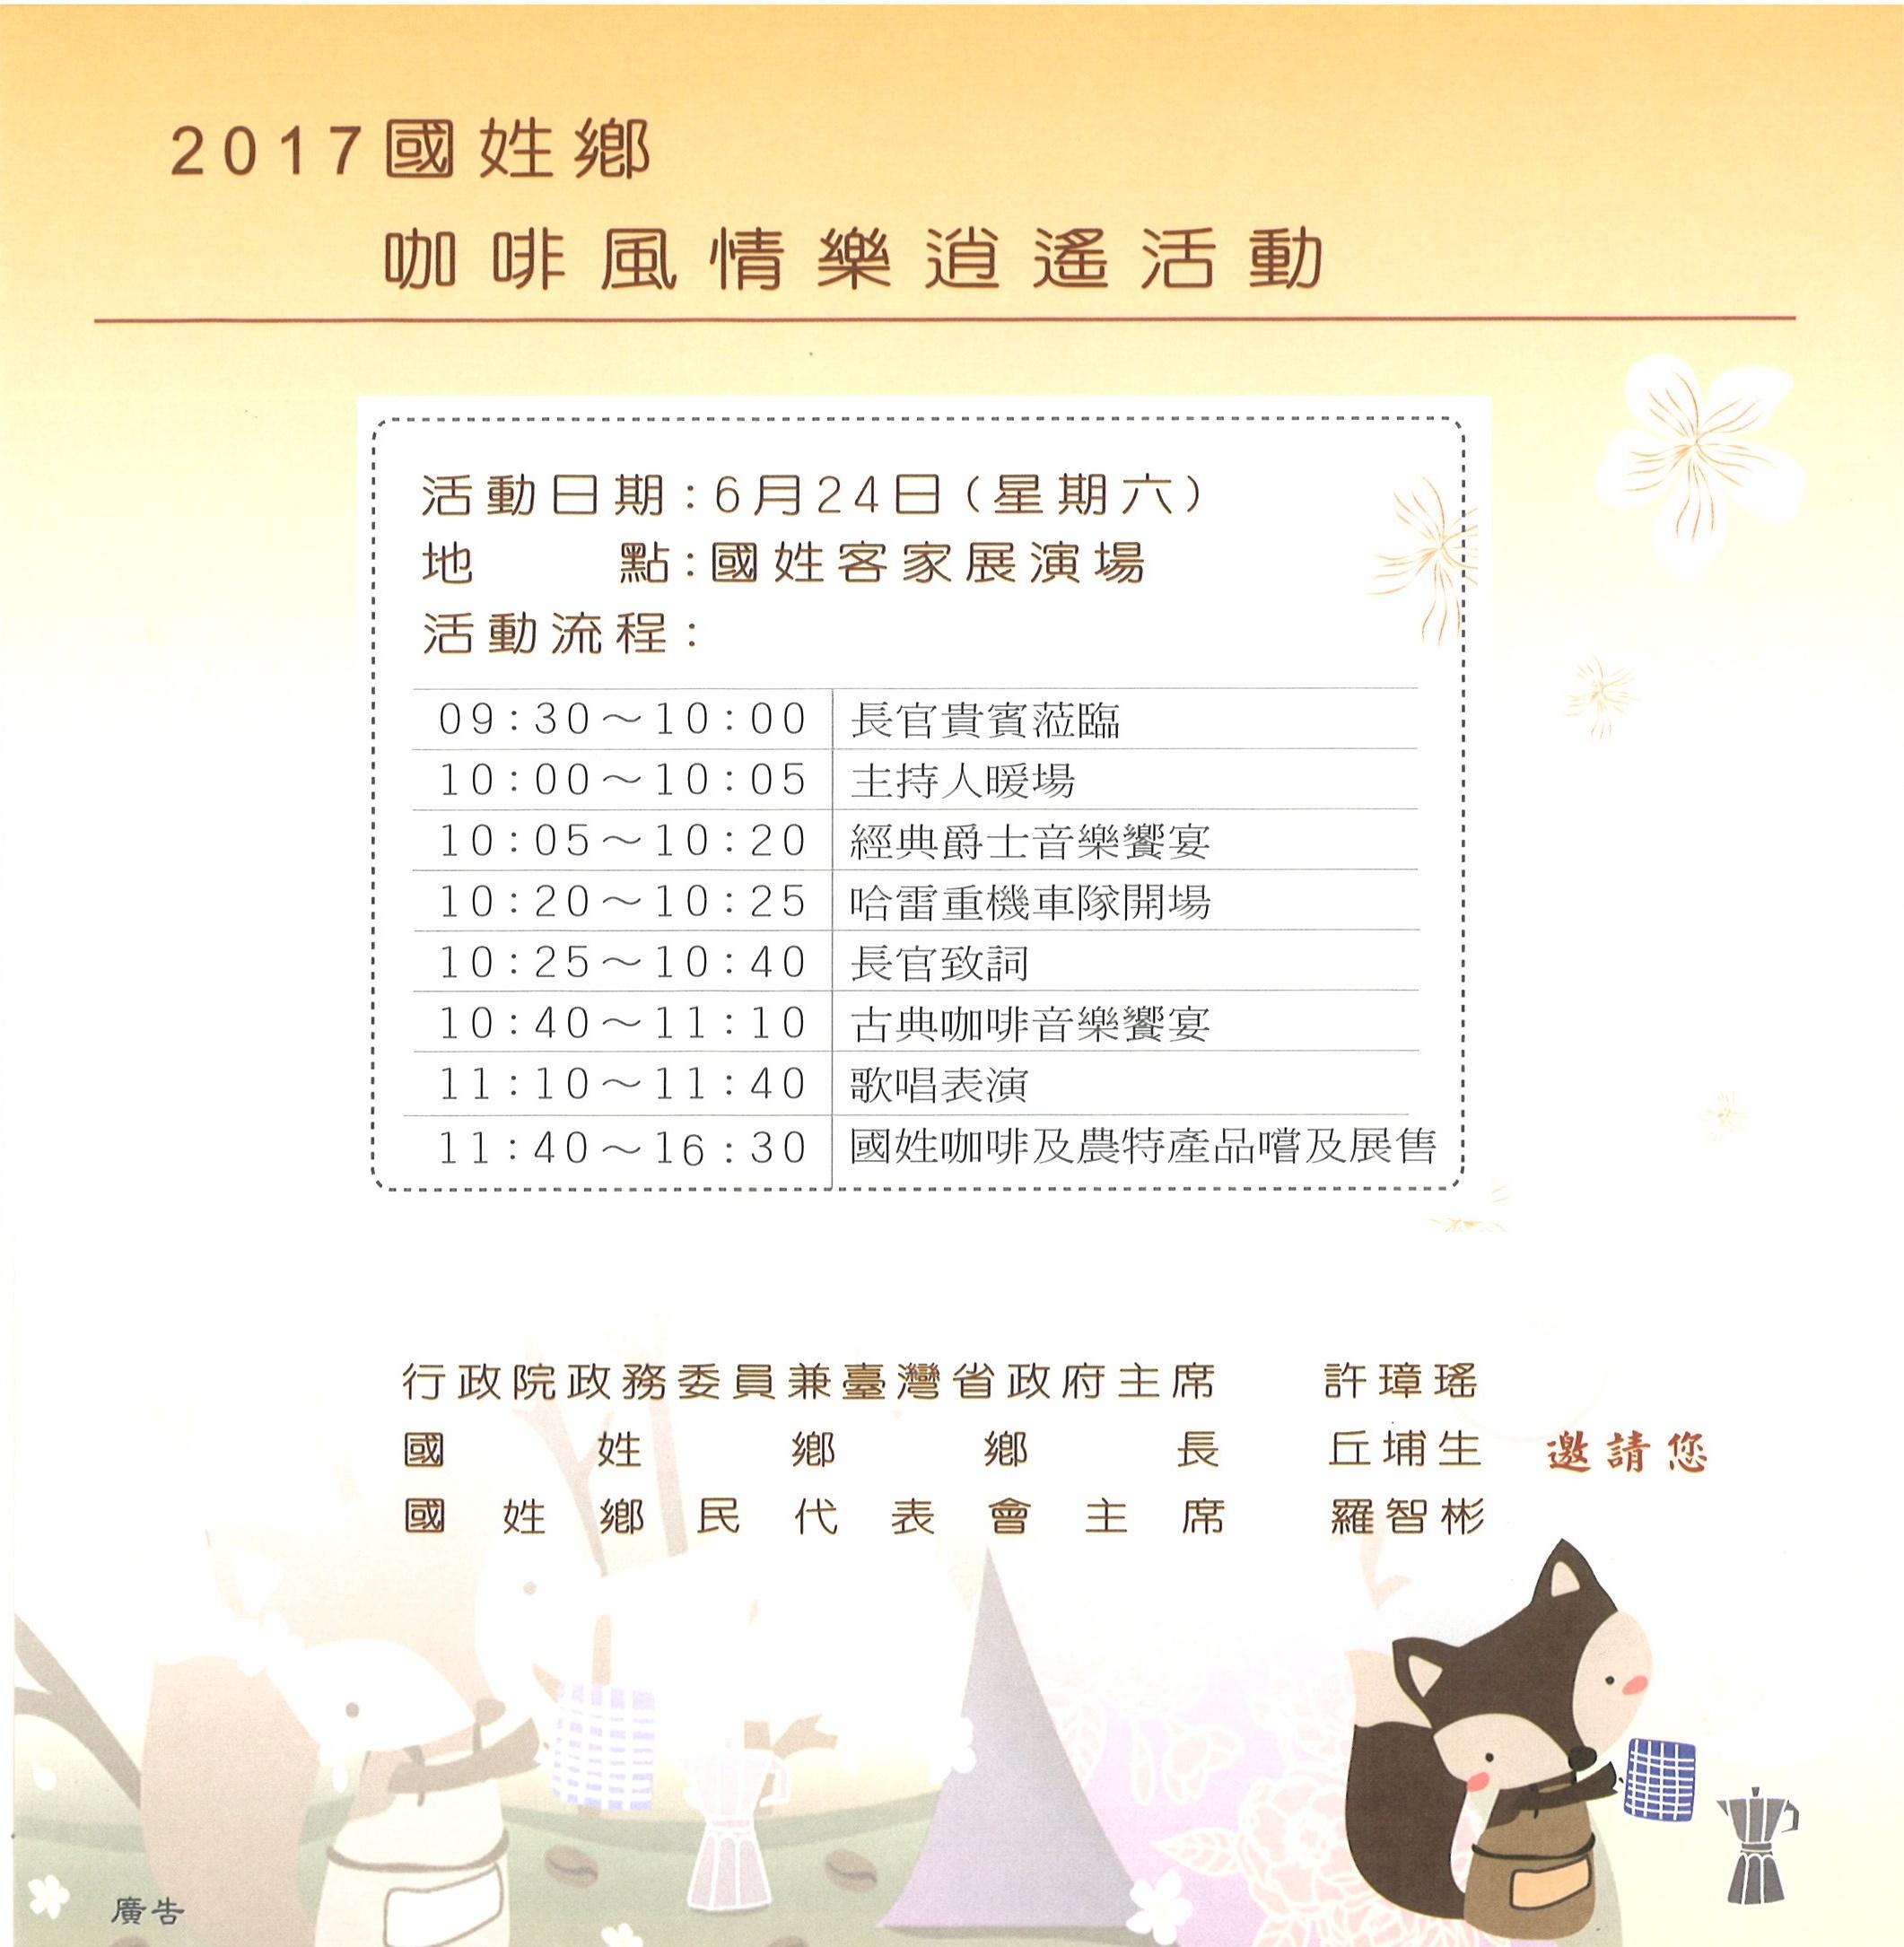 2017國姓鄉咖啡風情樂逍遙活動